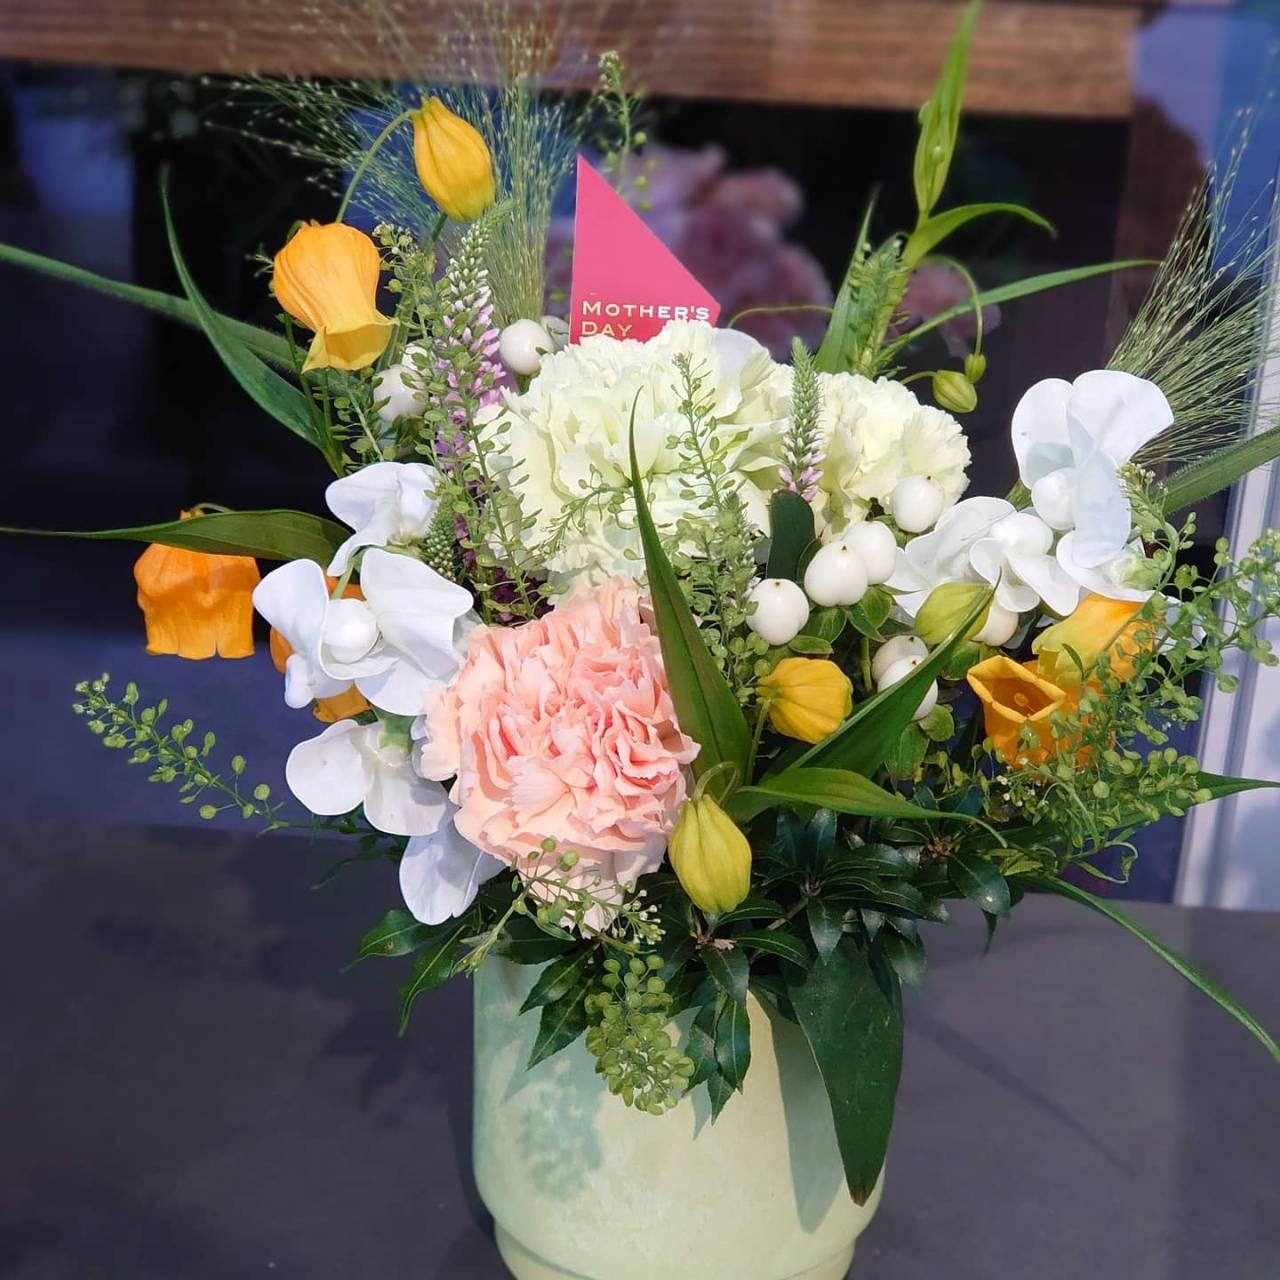 福山市のお花屋さん